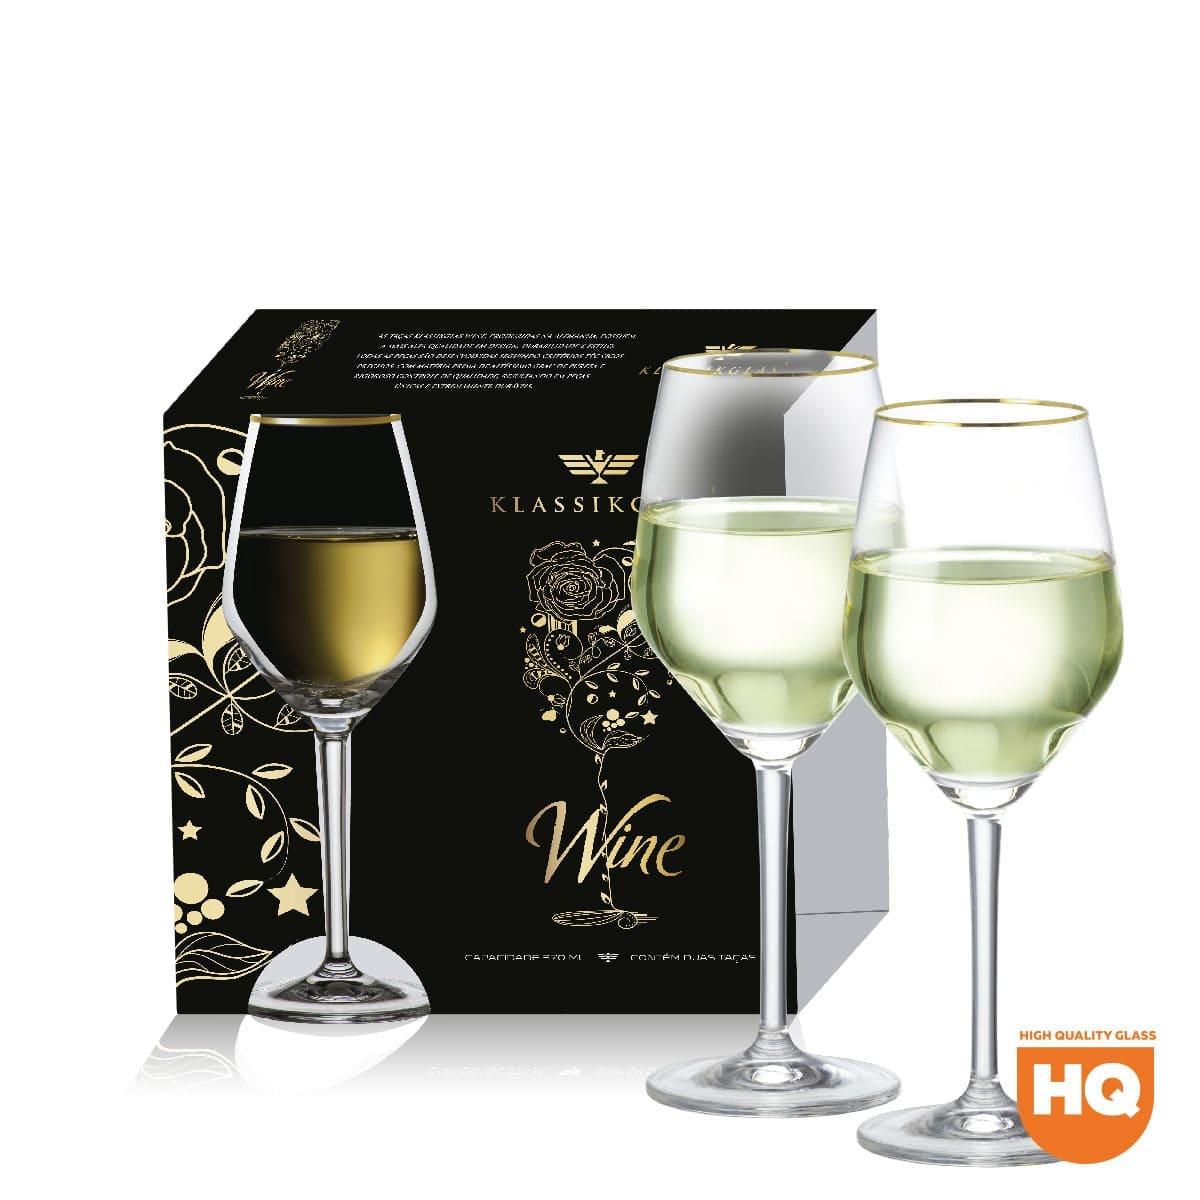 Jogo de Taça Vinho Branco Elegance de Cristal com 375ml 2 pçs